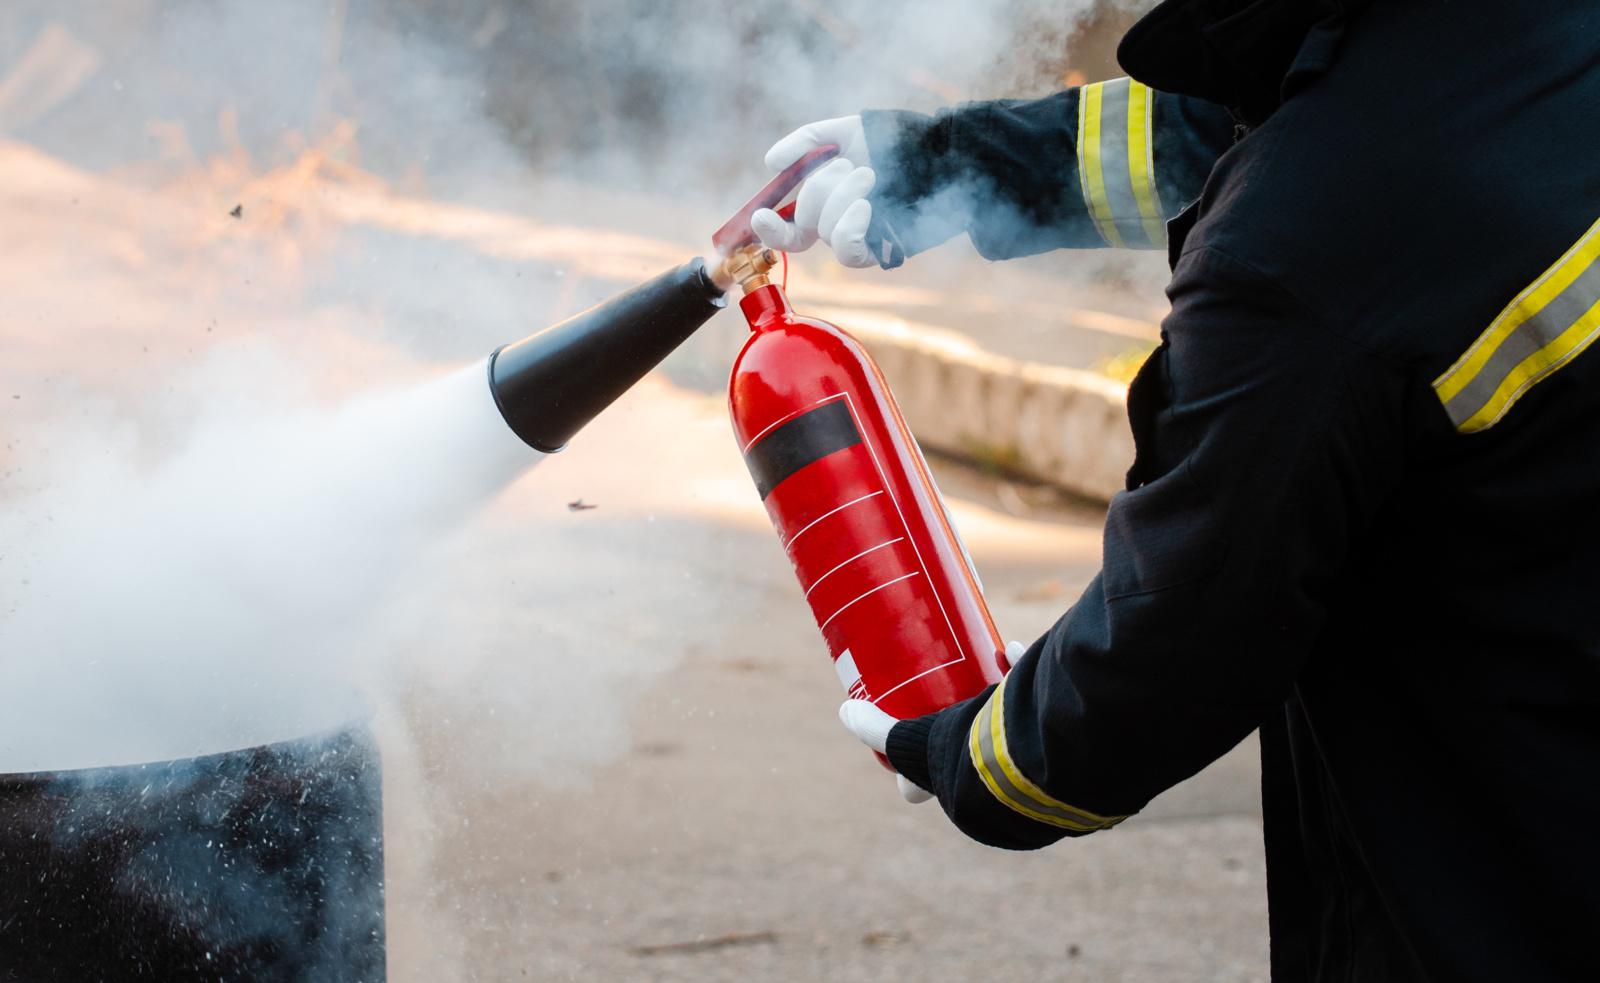 Paaiškėjo daugiau detalių apie gaisrą uostamiesčio progimnazijoje